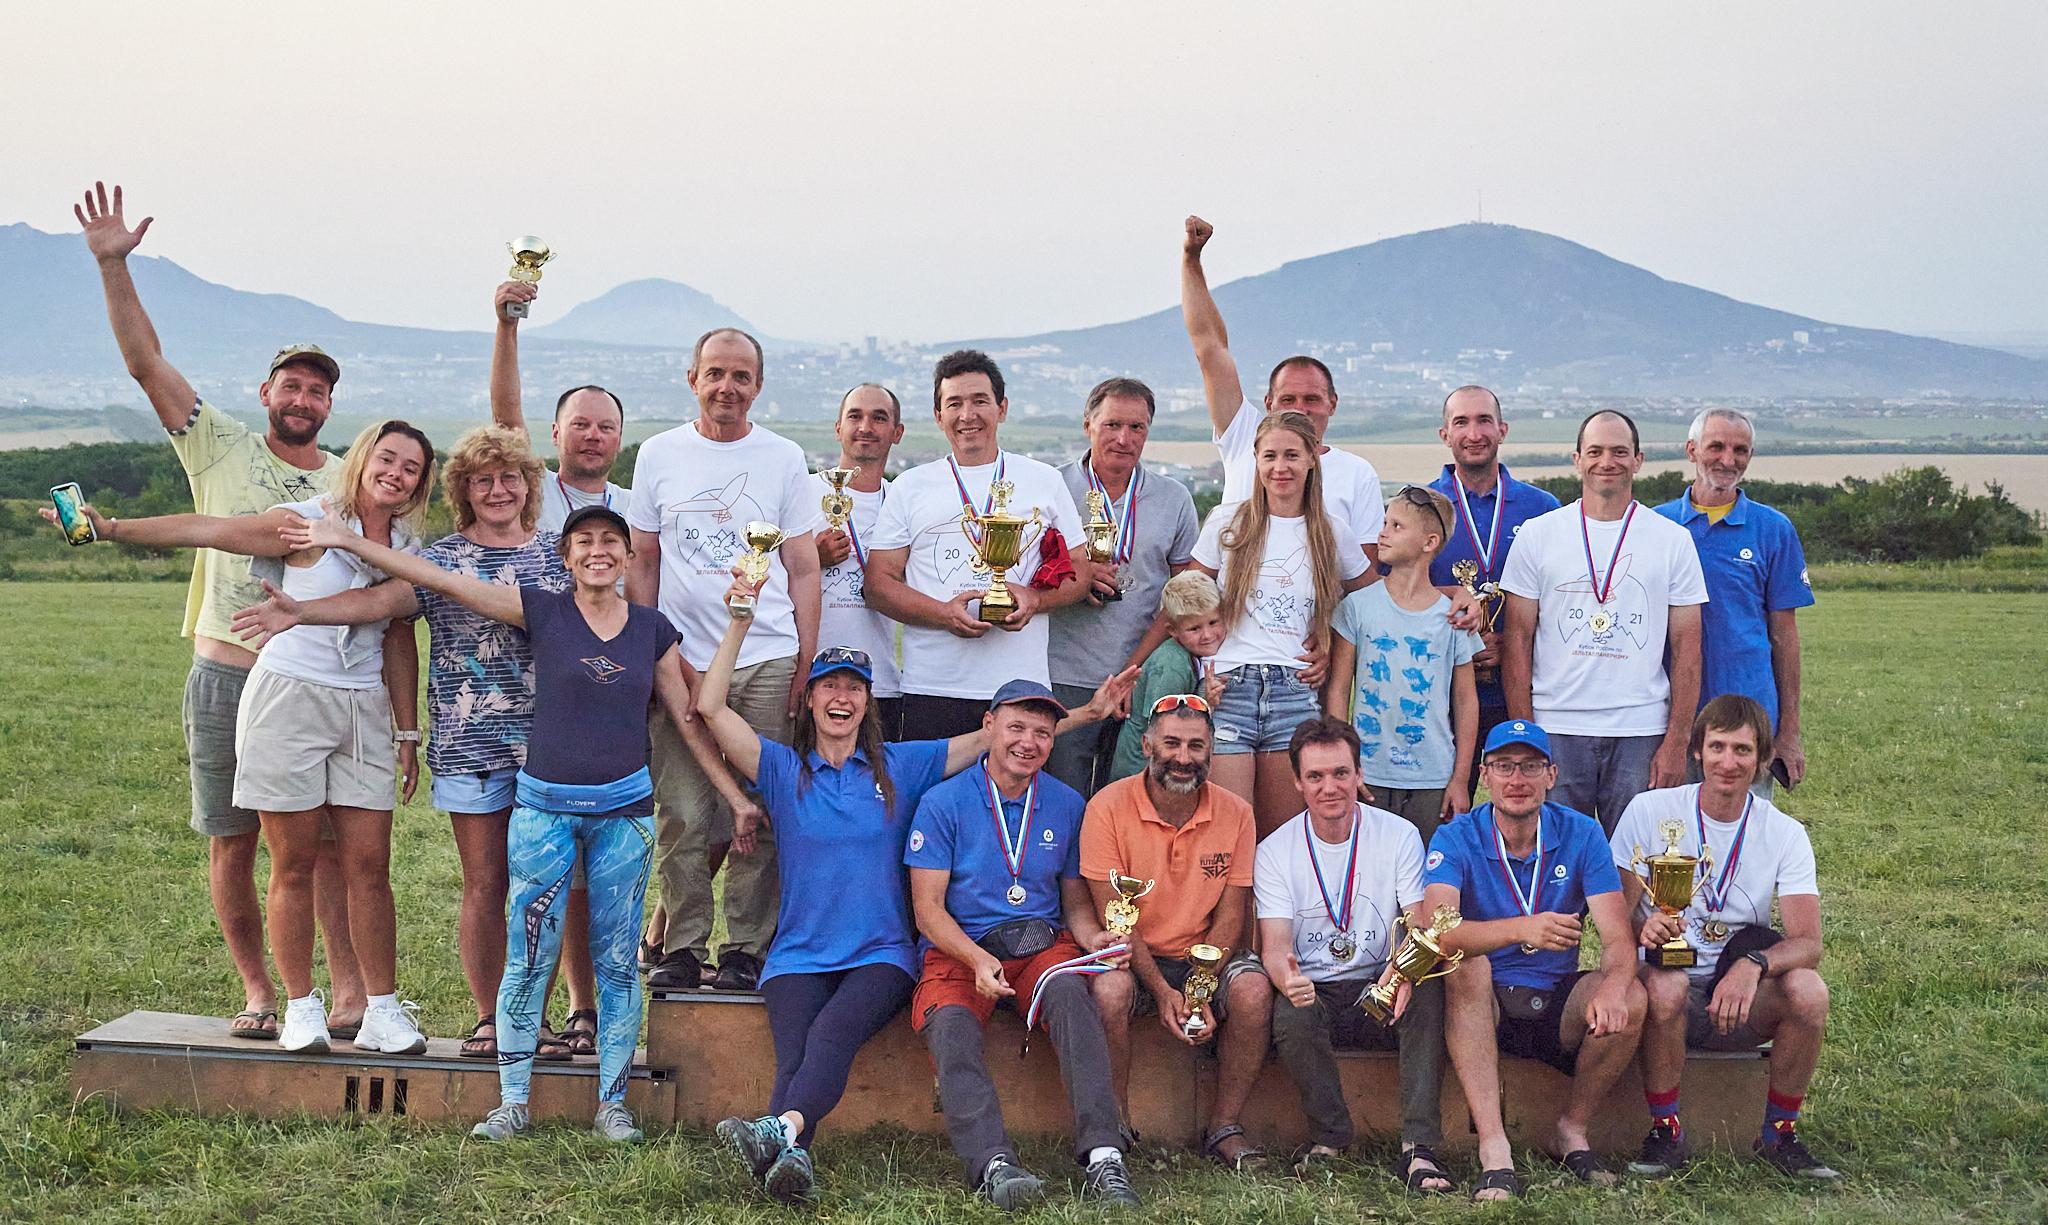 Russian Hang Gliding Cup'21 in Yutsa - Кубок России по дельтапланеризму на Юце